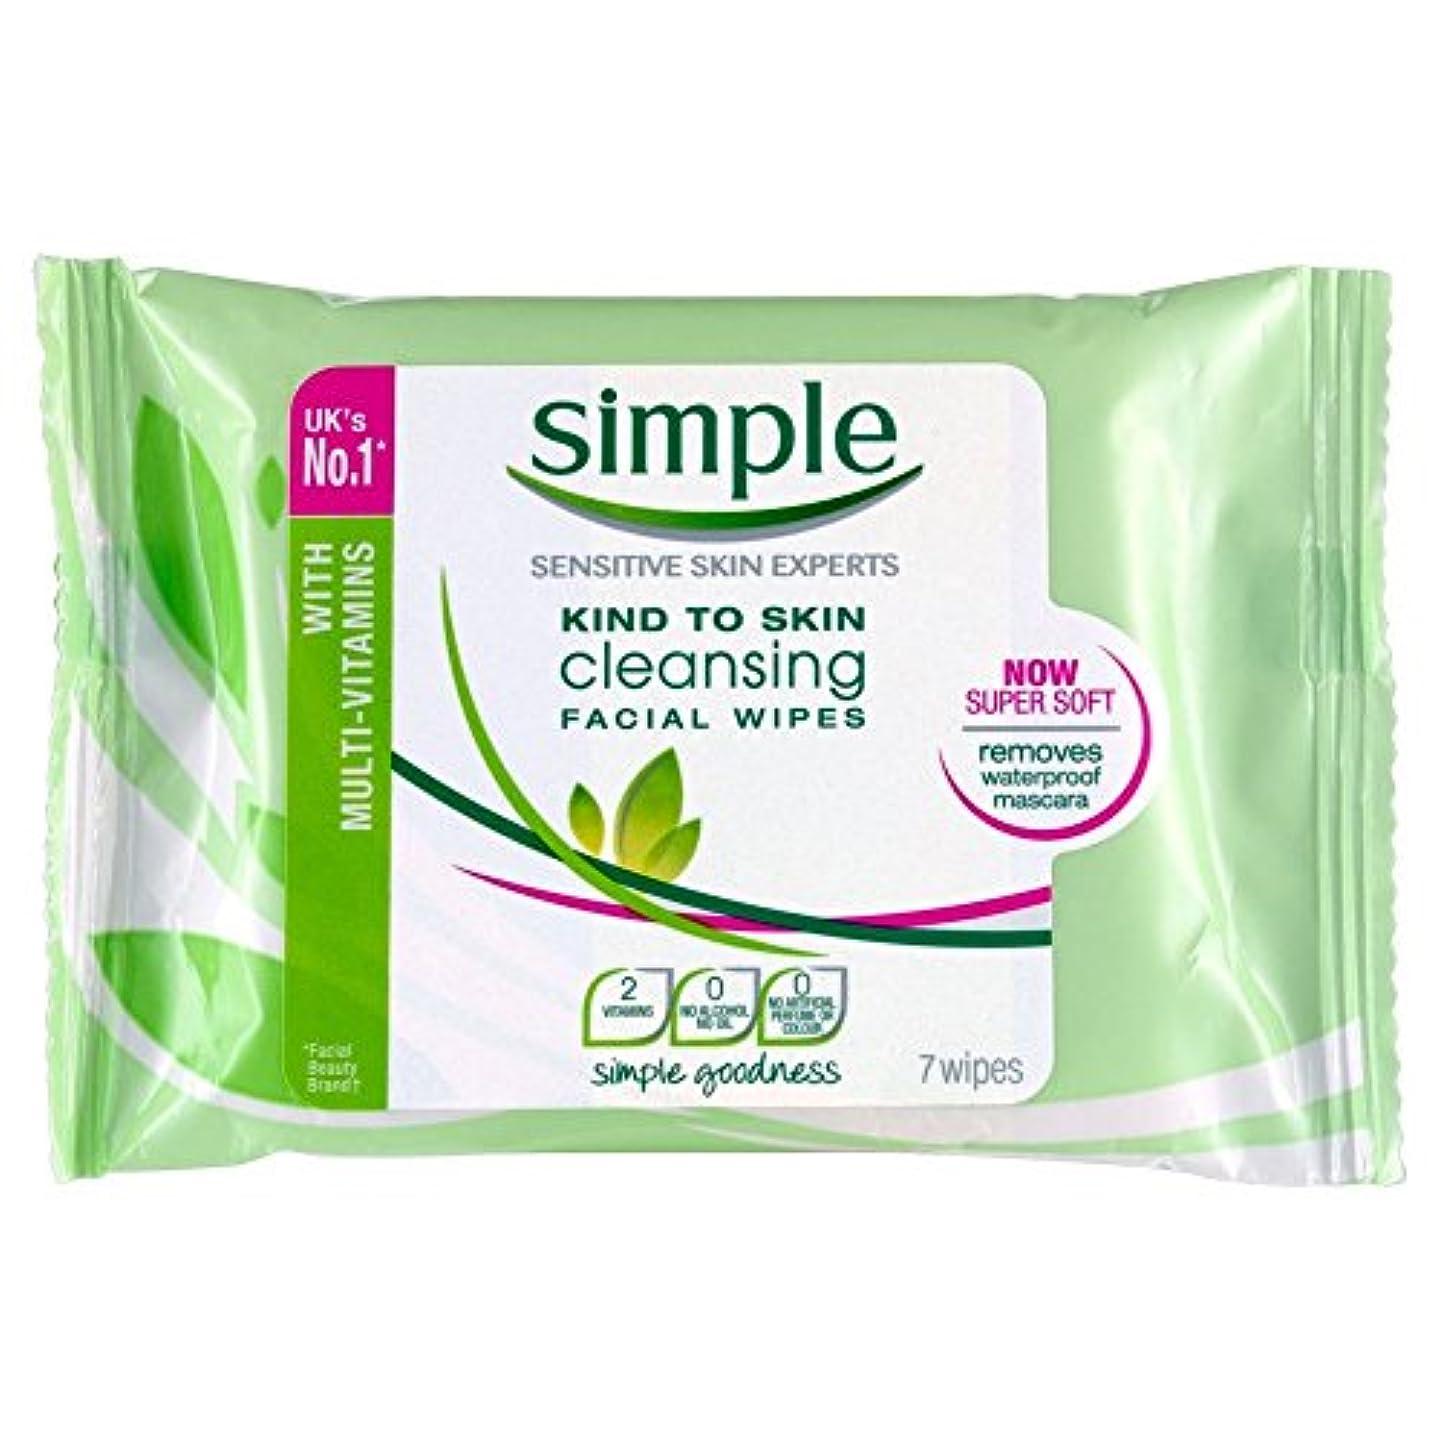 グリップ開拓者官僚Simple Kind to Skin Cleansing Facial Wipes (7 per pack) 肌のクレンジングフェイシャルワイプへの単純な種類(パック当たり7 ) [並行輸入品]